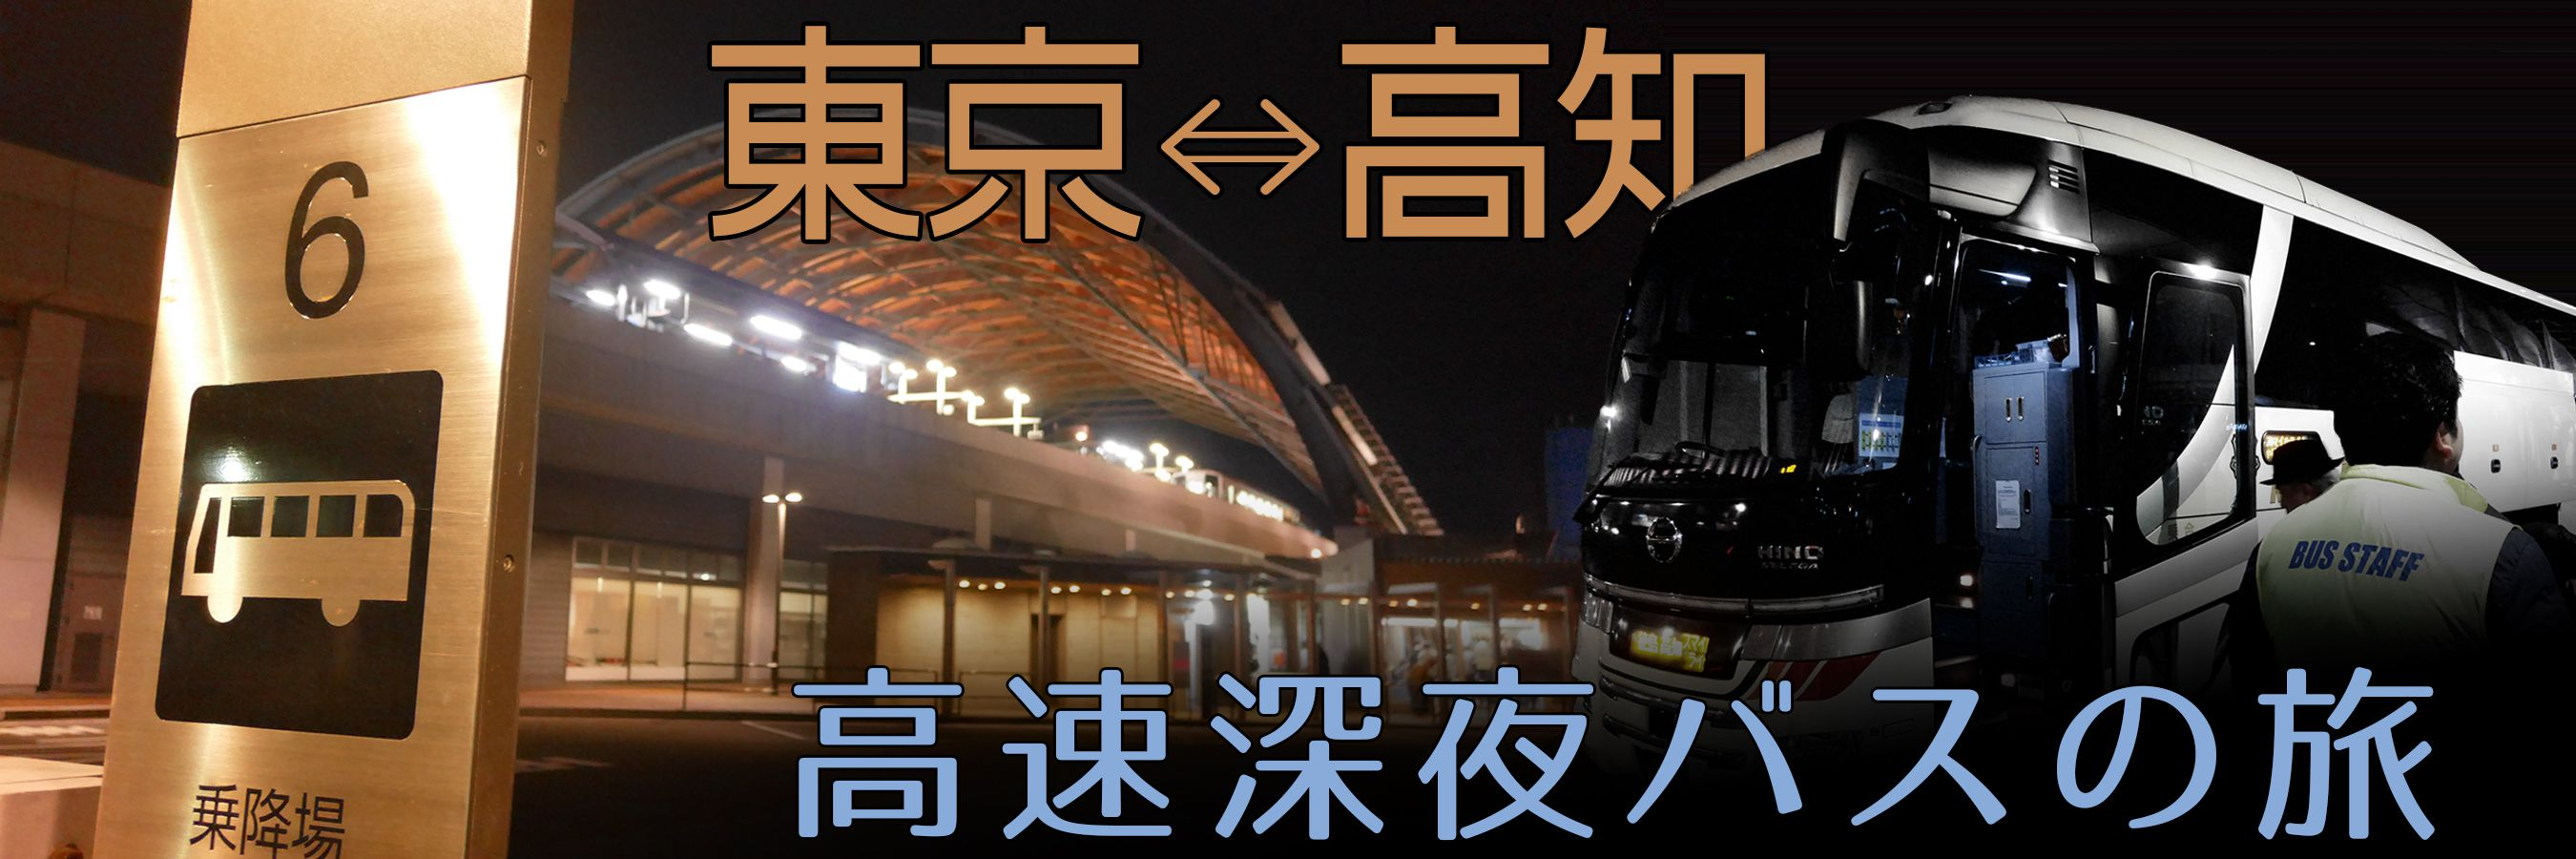 東京⇔高知 高速深夜バスの旅